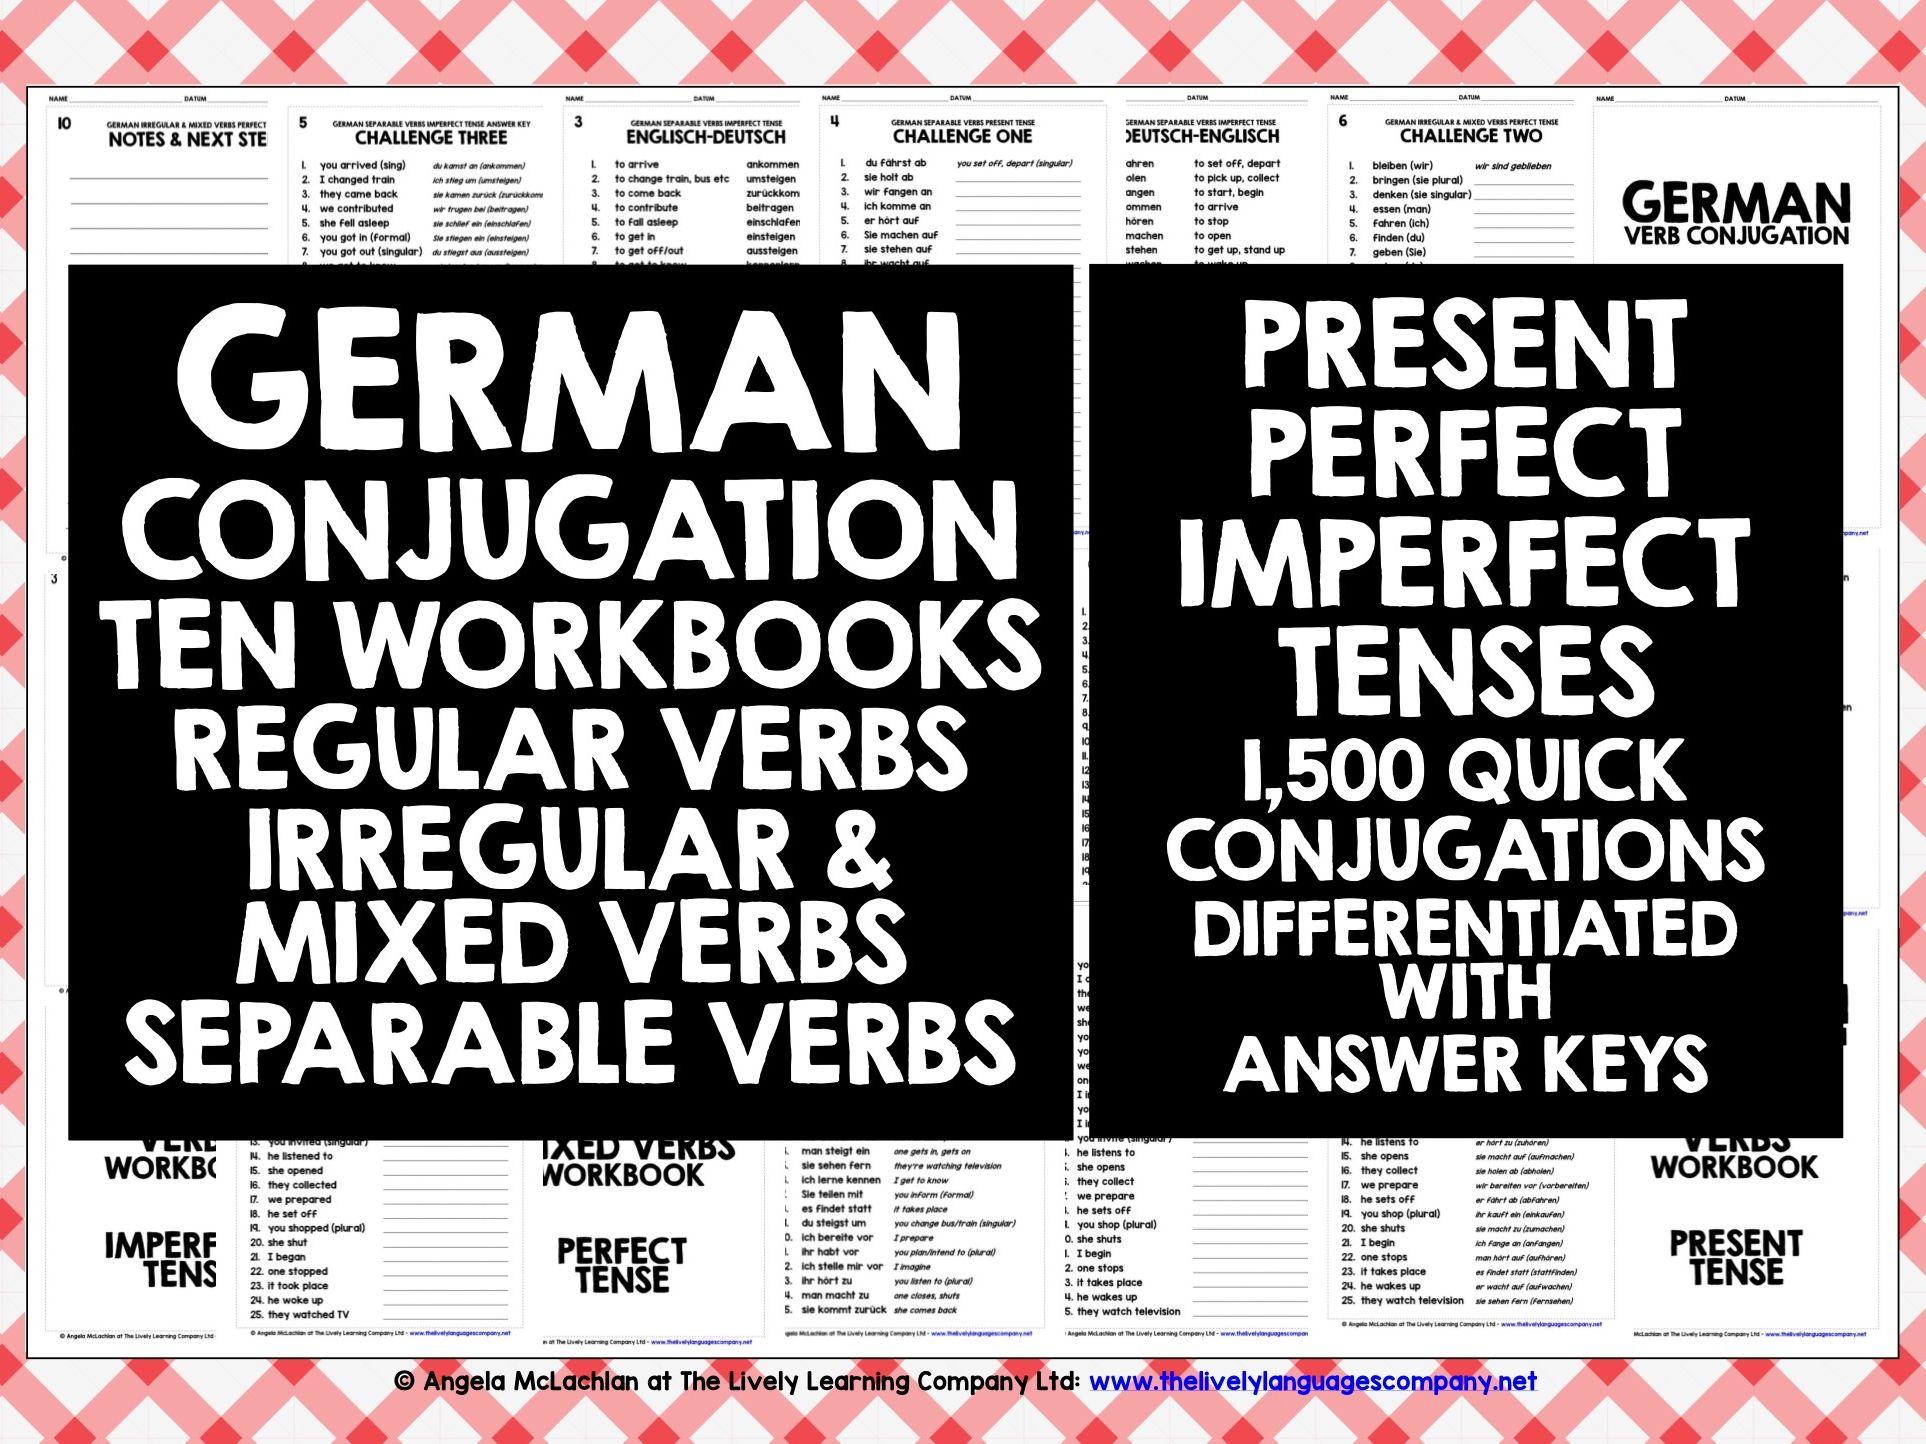 GERMAN VERBS: GERMAN VERBS CONJUGATION #1